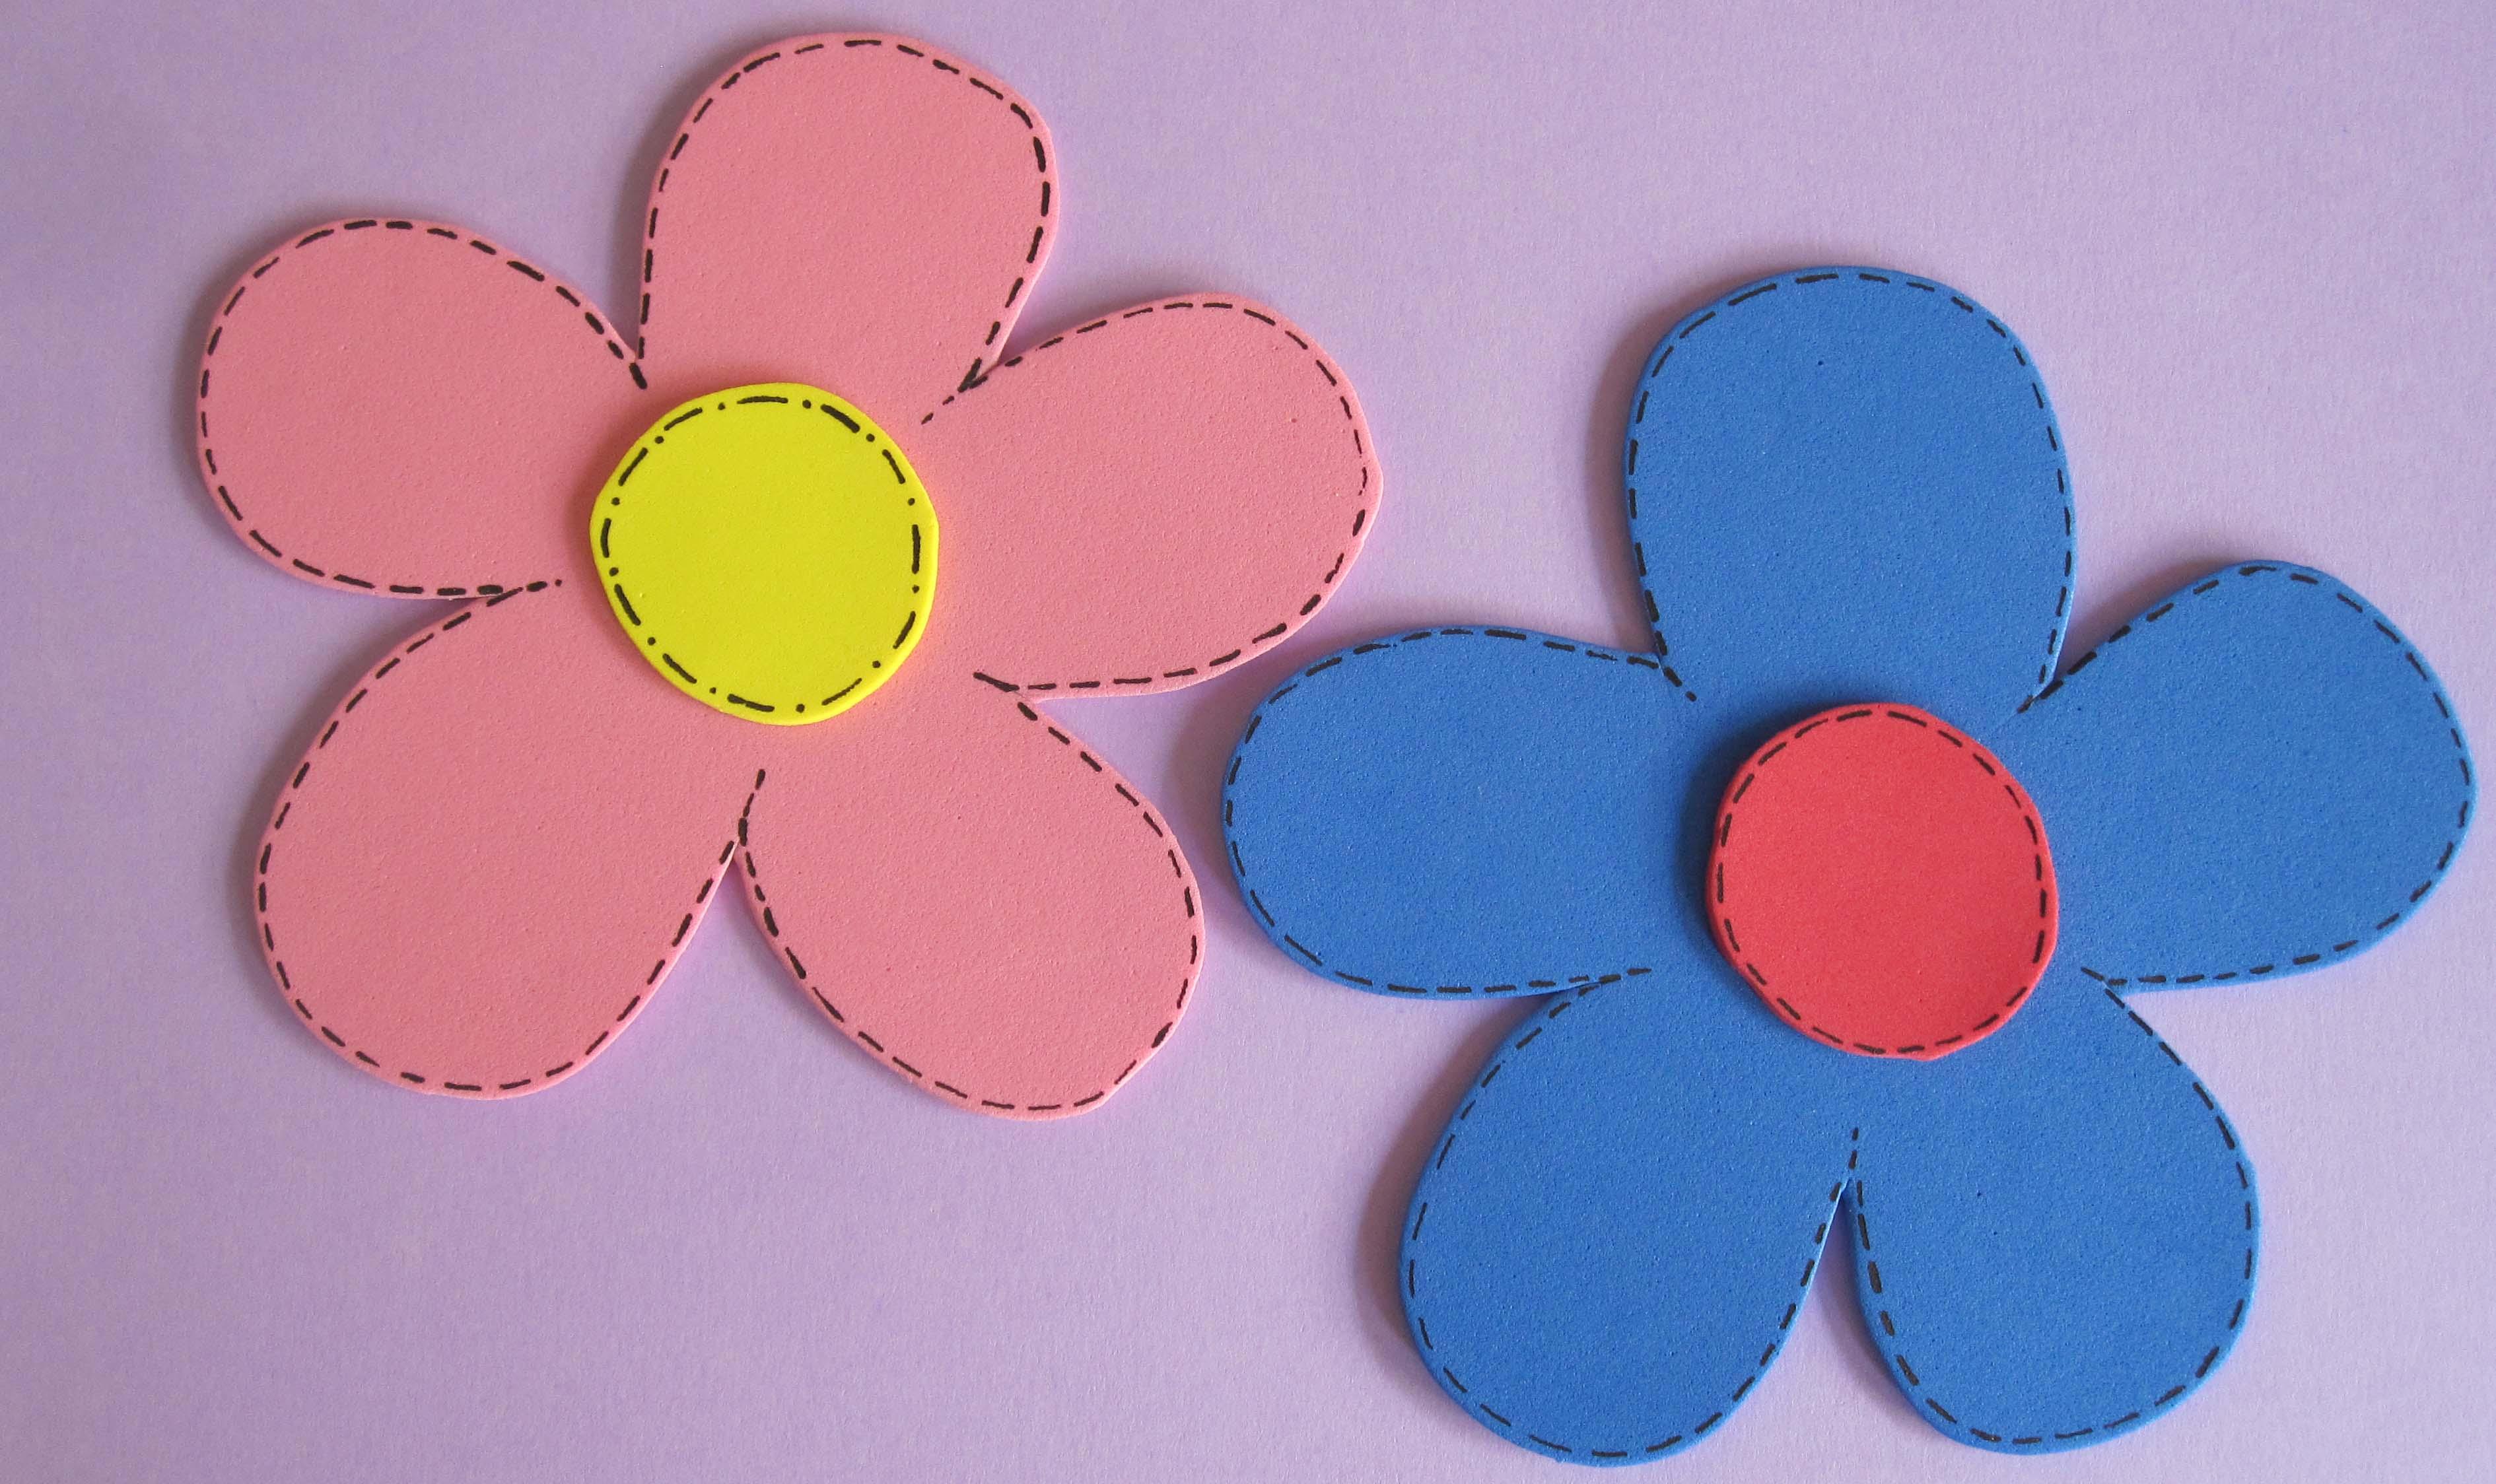 Manualidades de primavera 6 imagenes educativas - Imagenes de manualidades ...